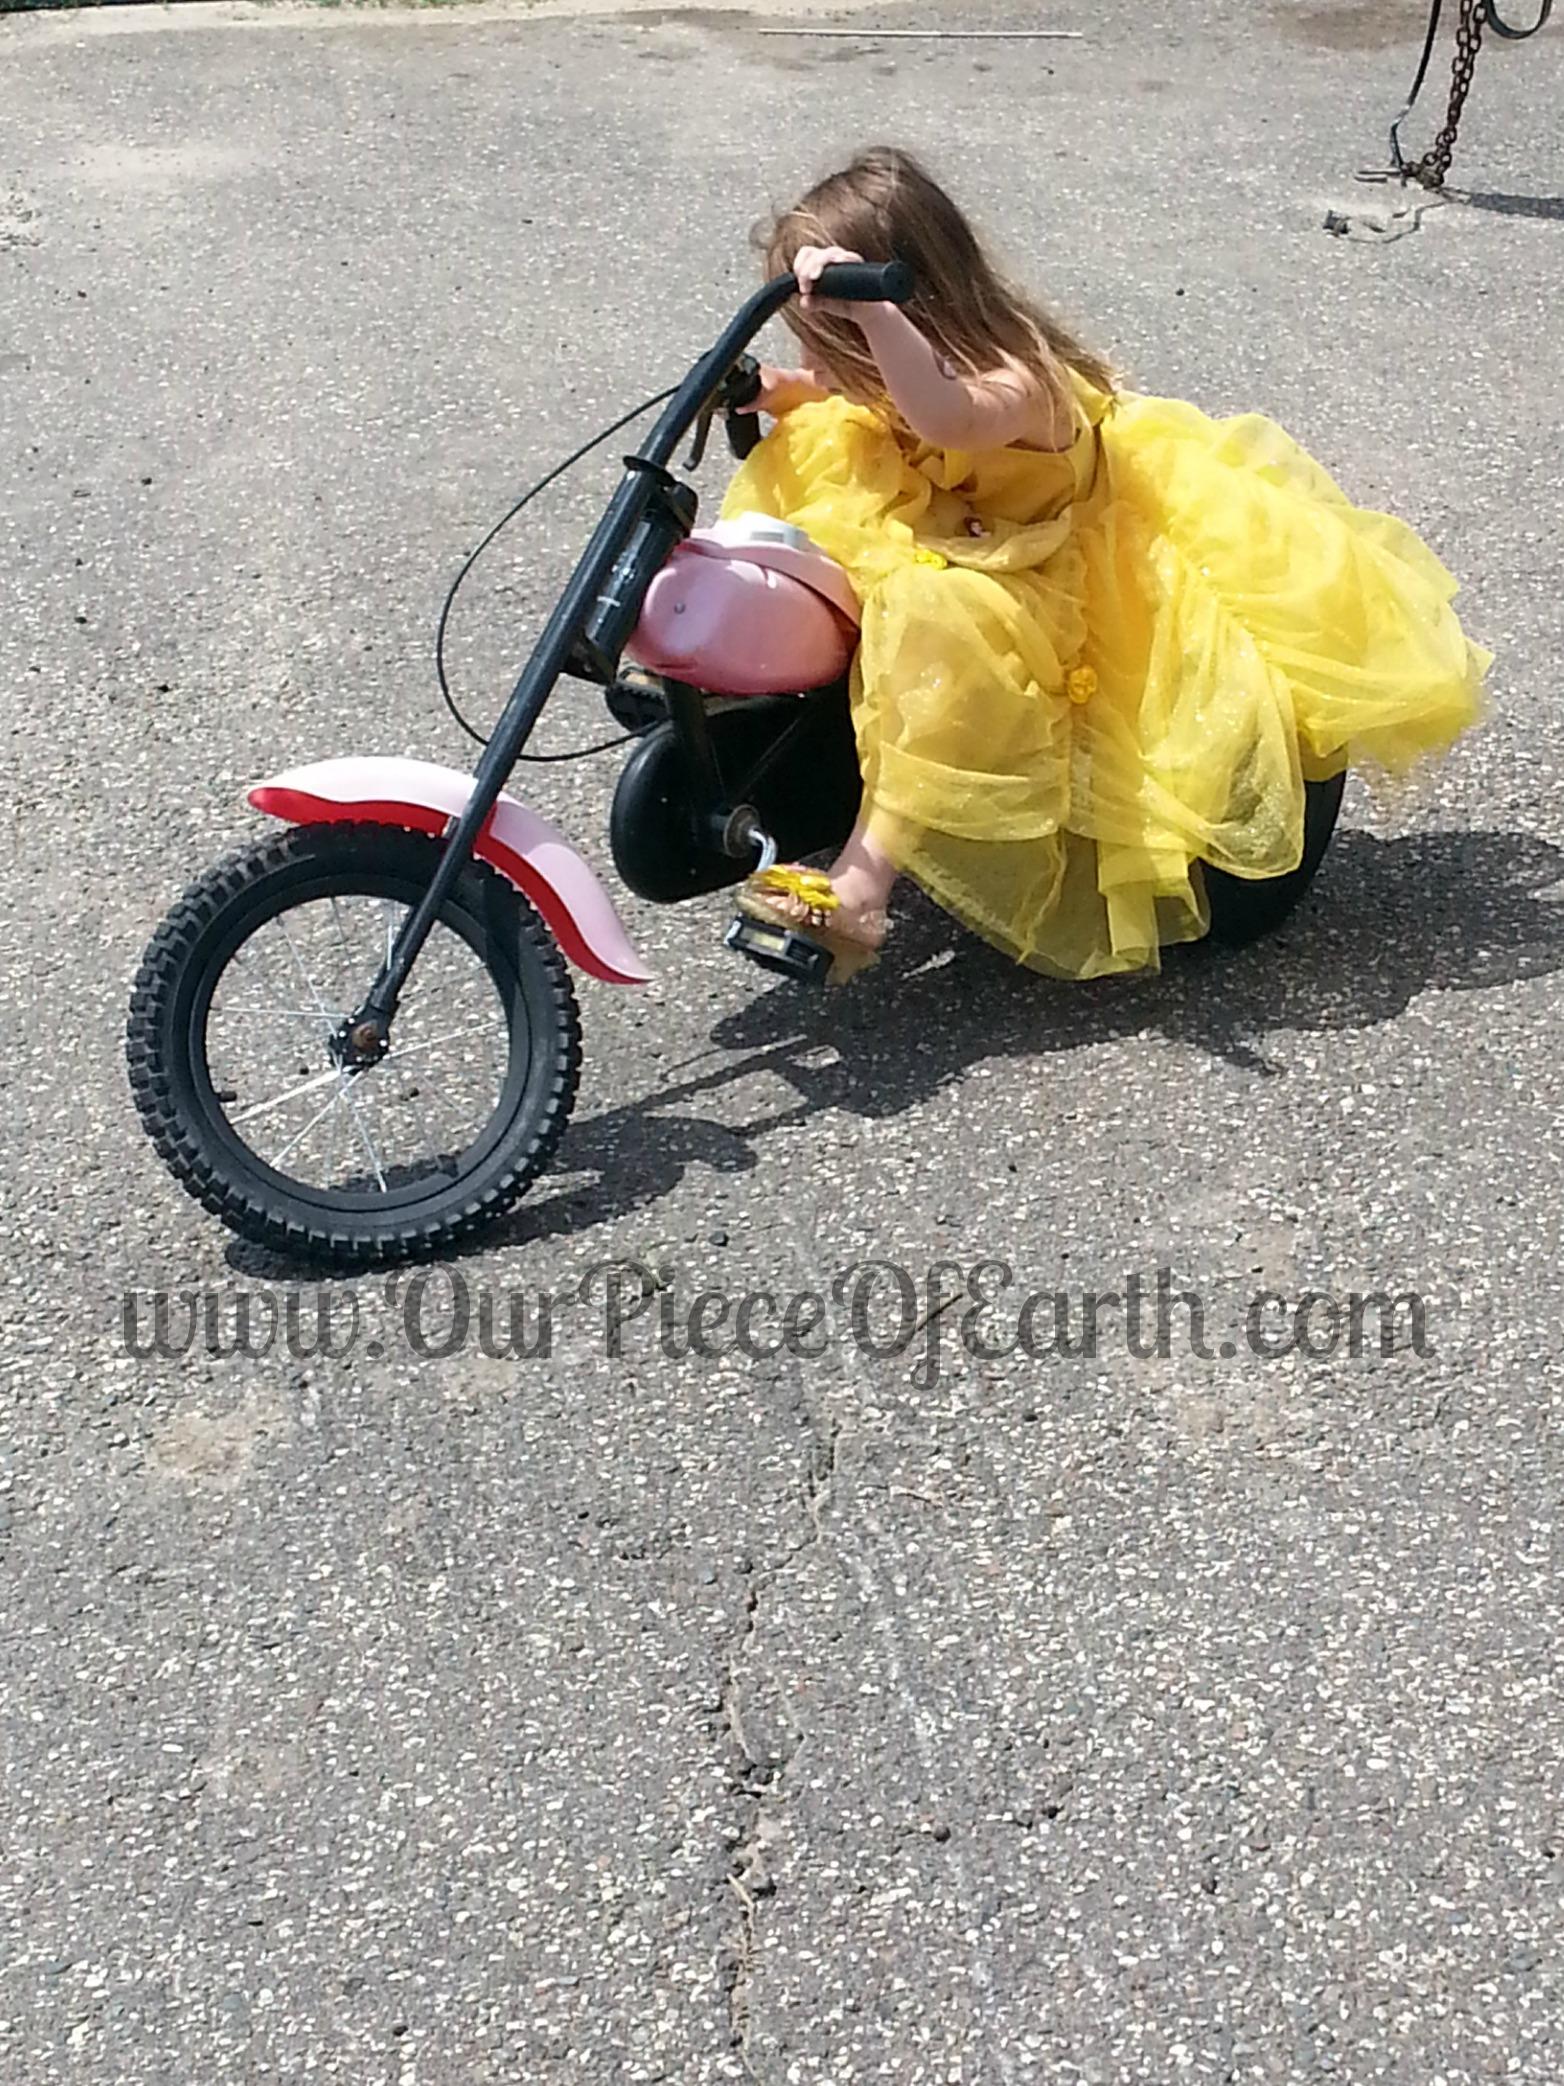 Maggie on Chopper Trike